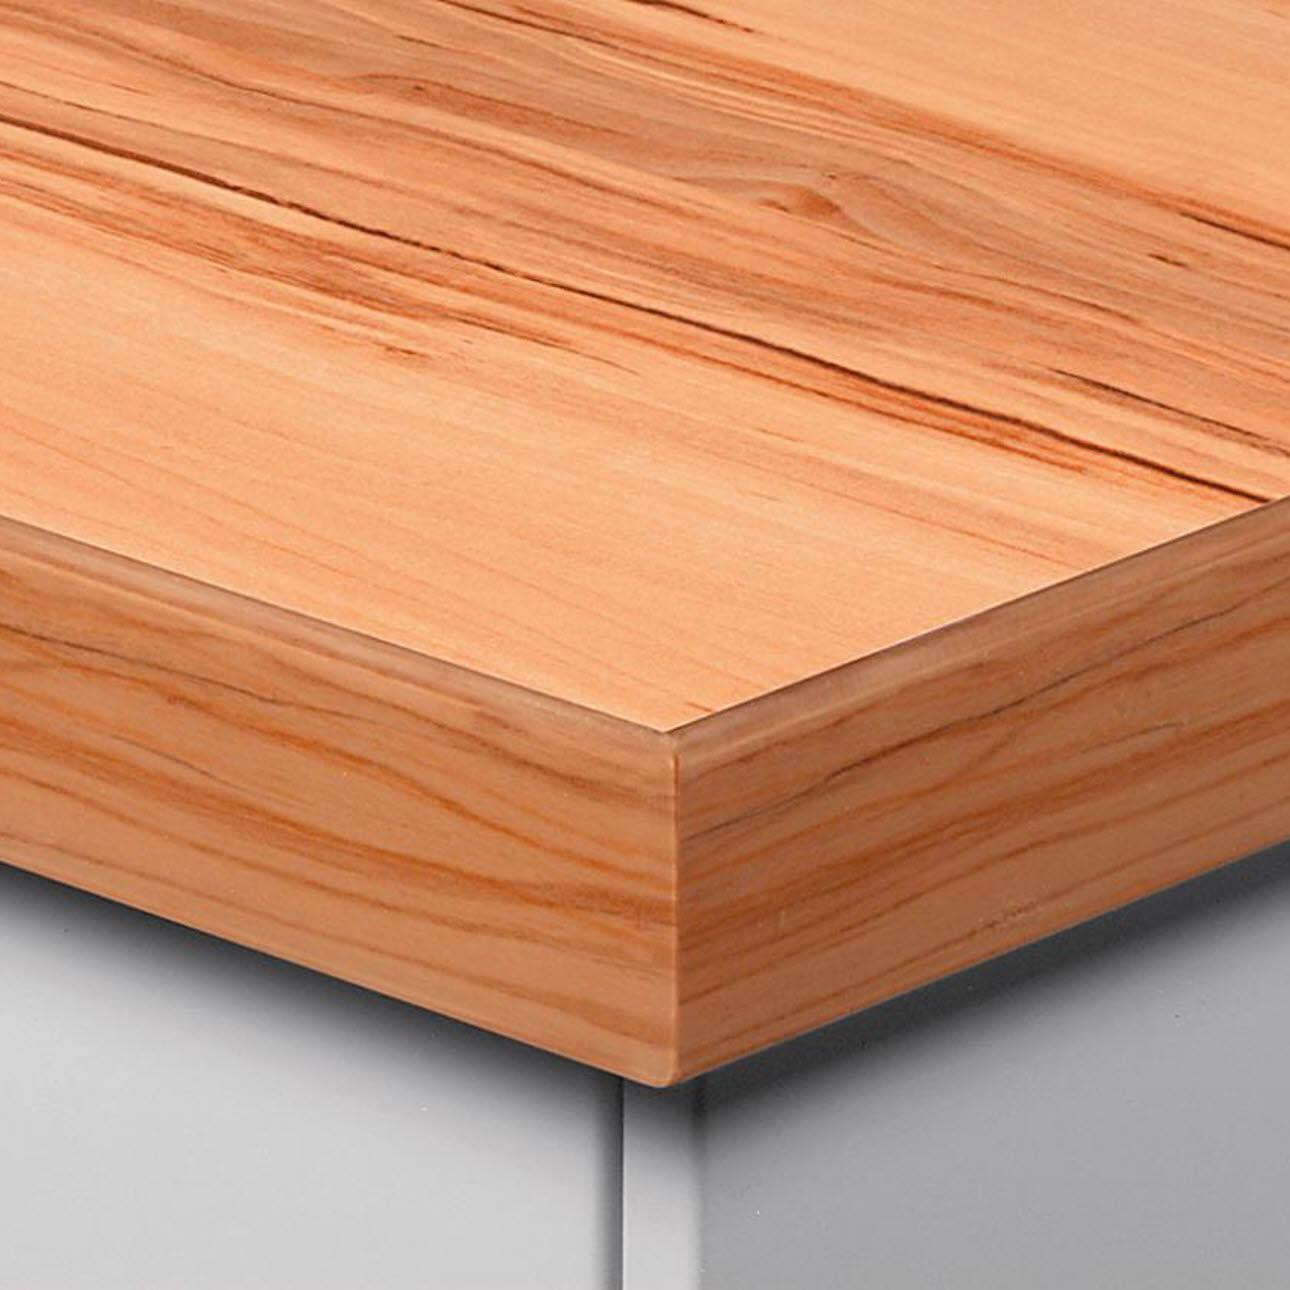 arbeitsplatten zubeh r und ausstattungsdetails ewe. Black Bedroom Furniture Sets. Home Design Ideas